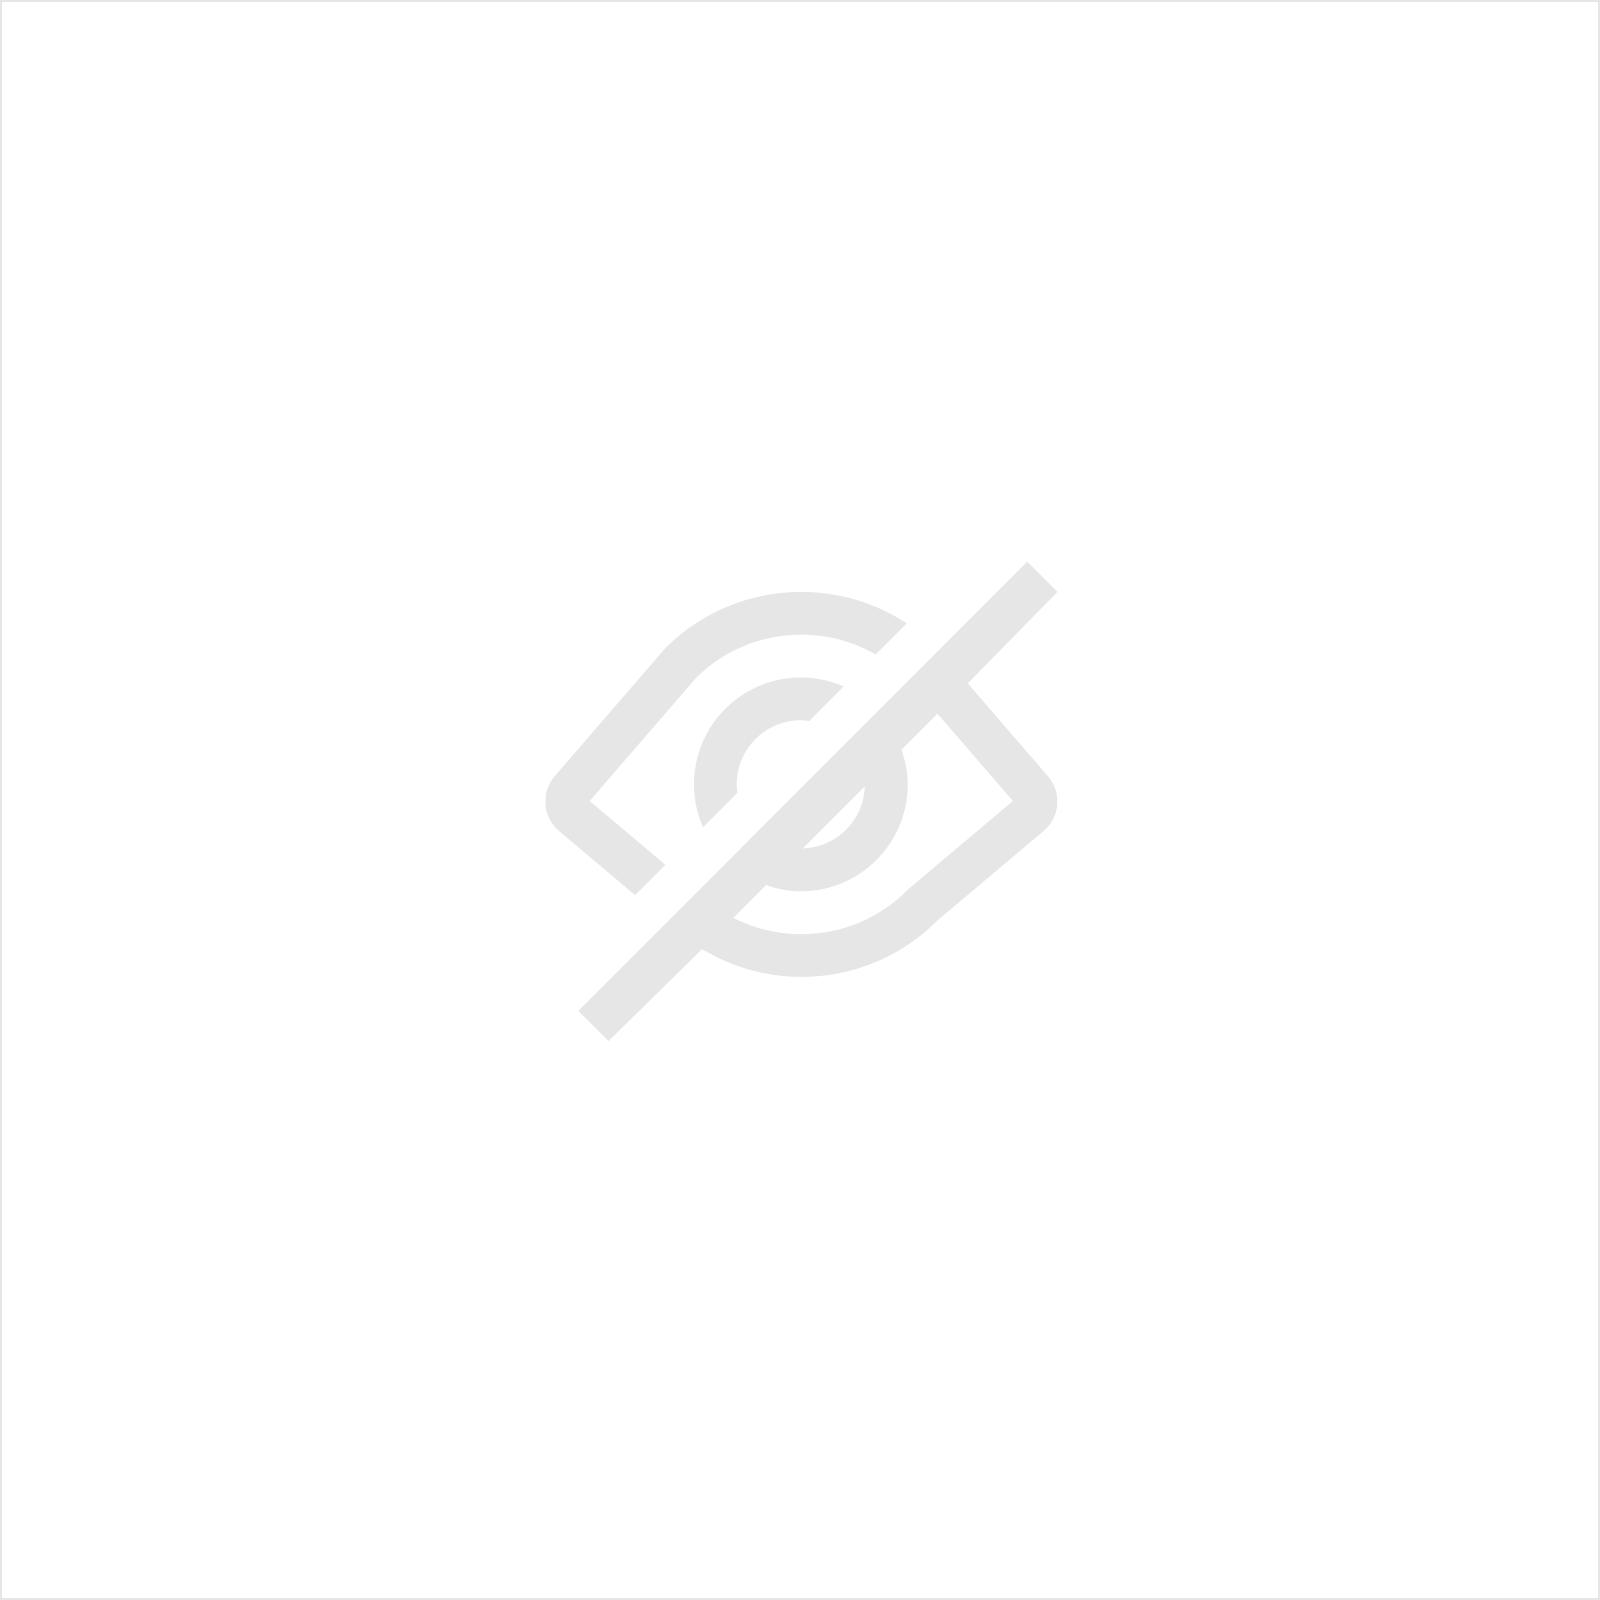 OPTIONEEL TIPPING ROLL SET VOOR BOORD EN LIJSTMACHINE